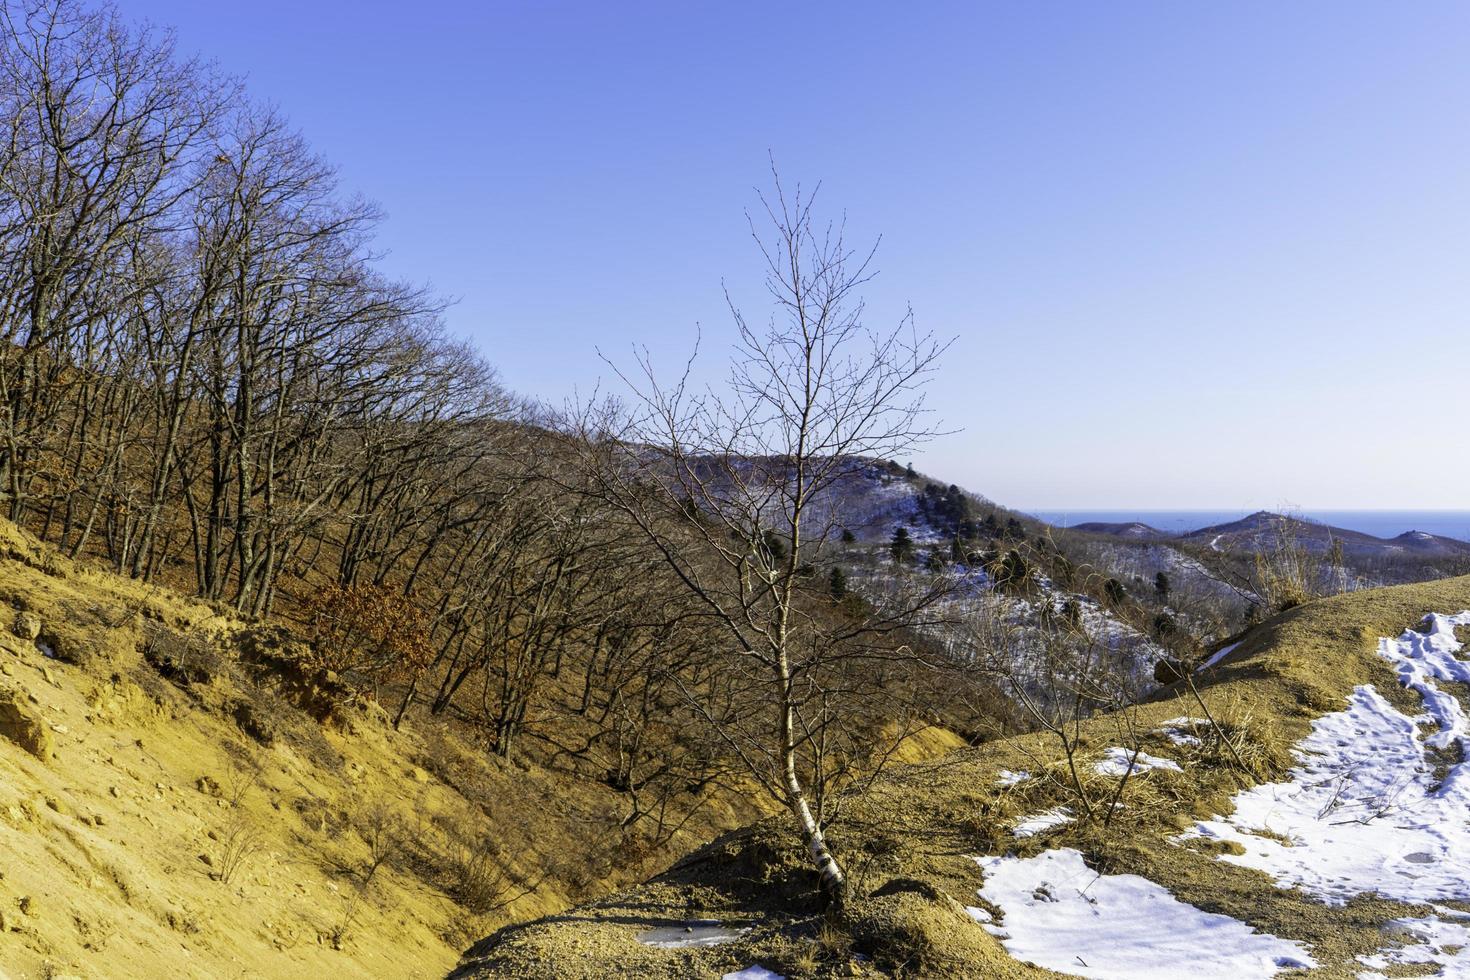 paesaggio di montagna con vista mare all'orizzonte foto